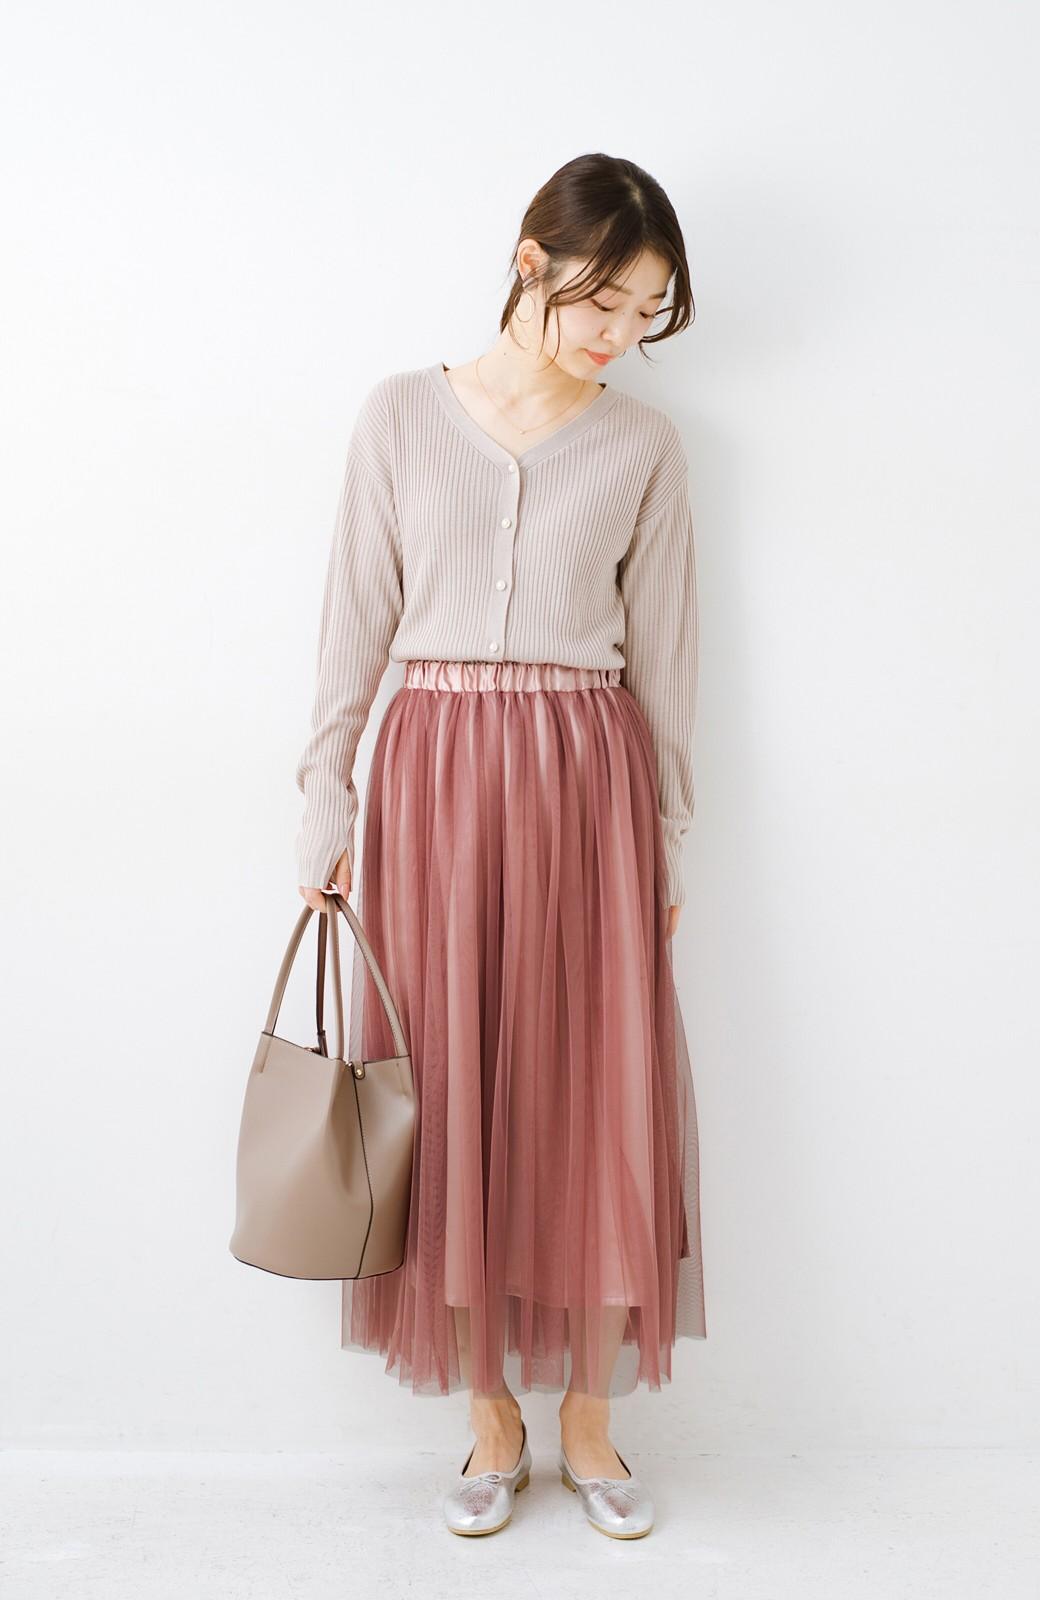 haco! 着るだけでルンとした気分になる! 長ーーい季節着られてずっと使えるオトナのためのチュールスカート <ピンク>の商品写真18